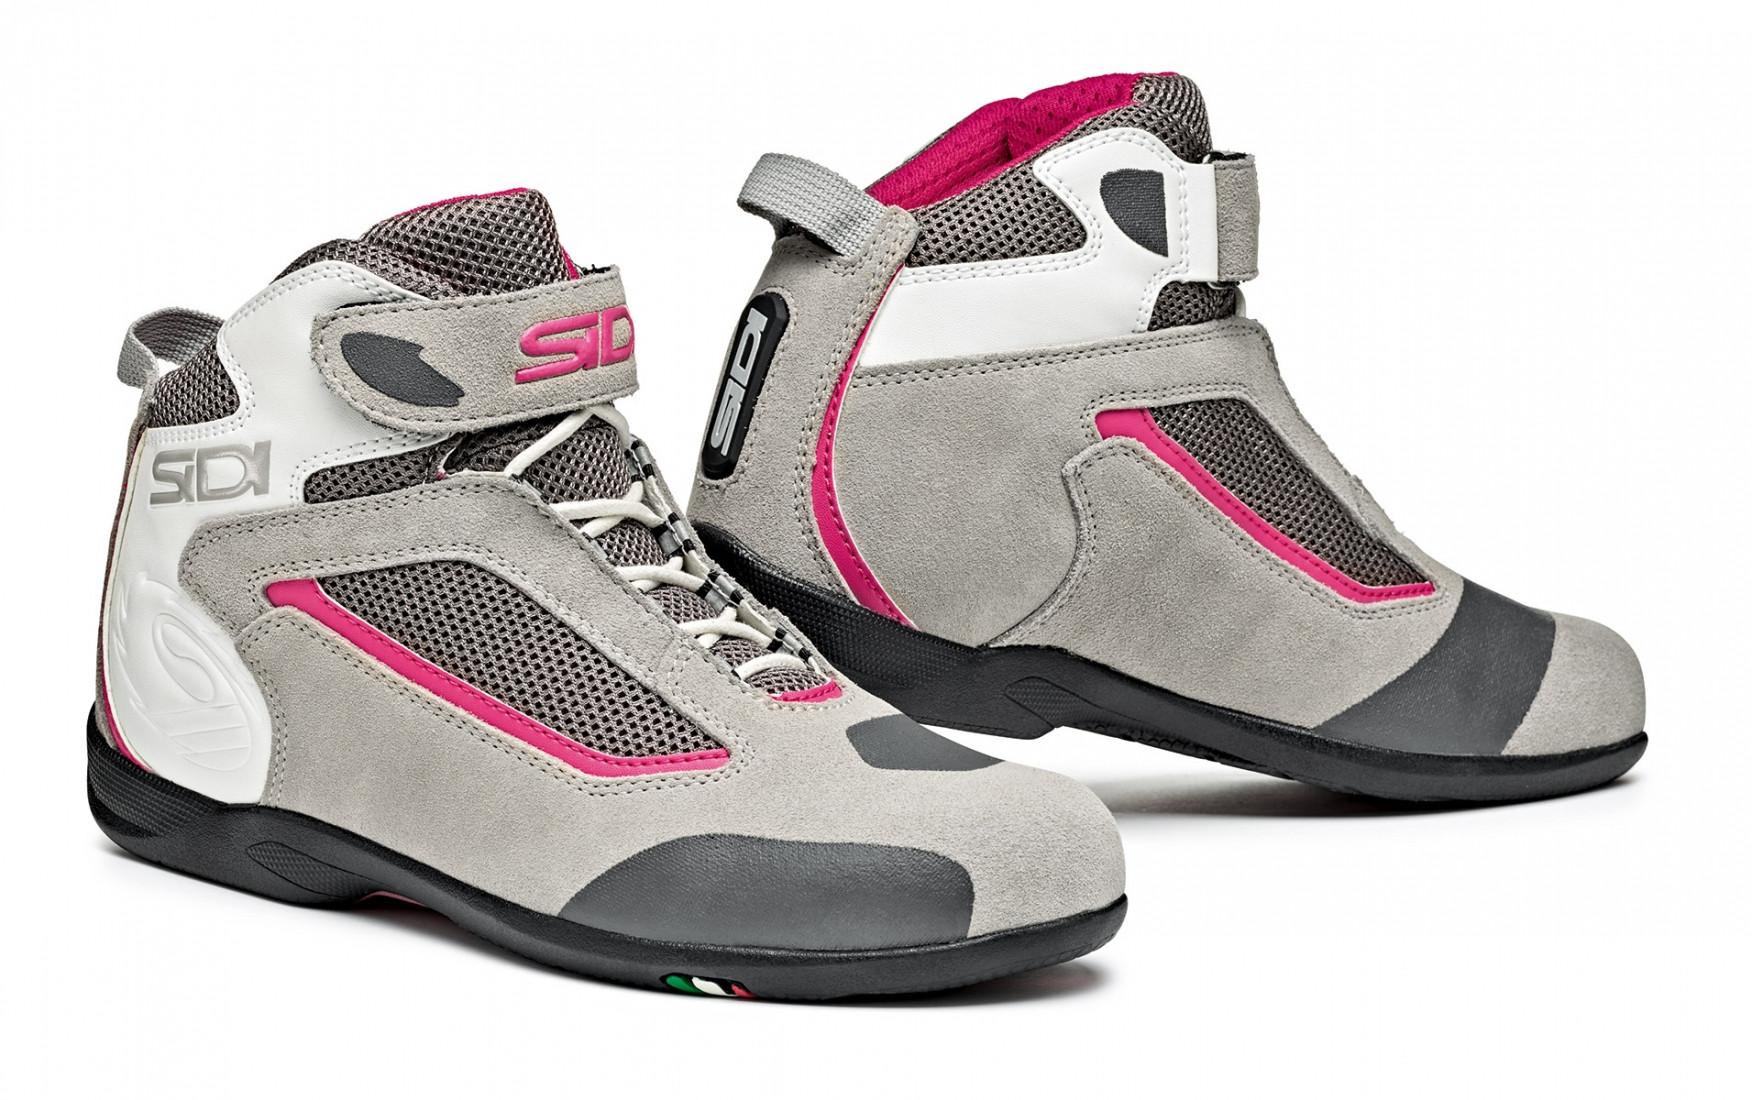 Scarpe donna Sidi SDS Gas grigio rosa